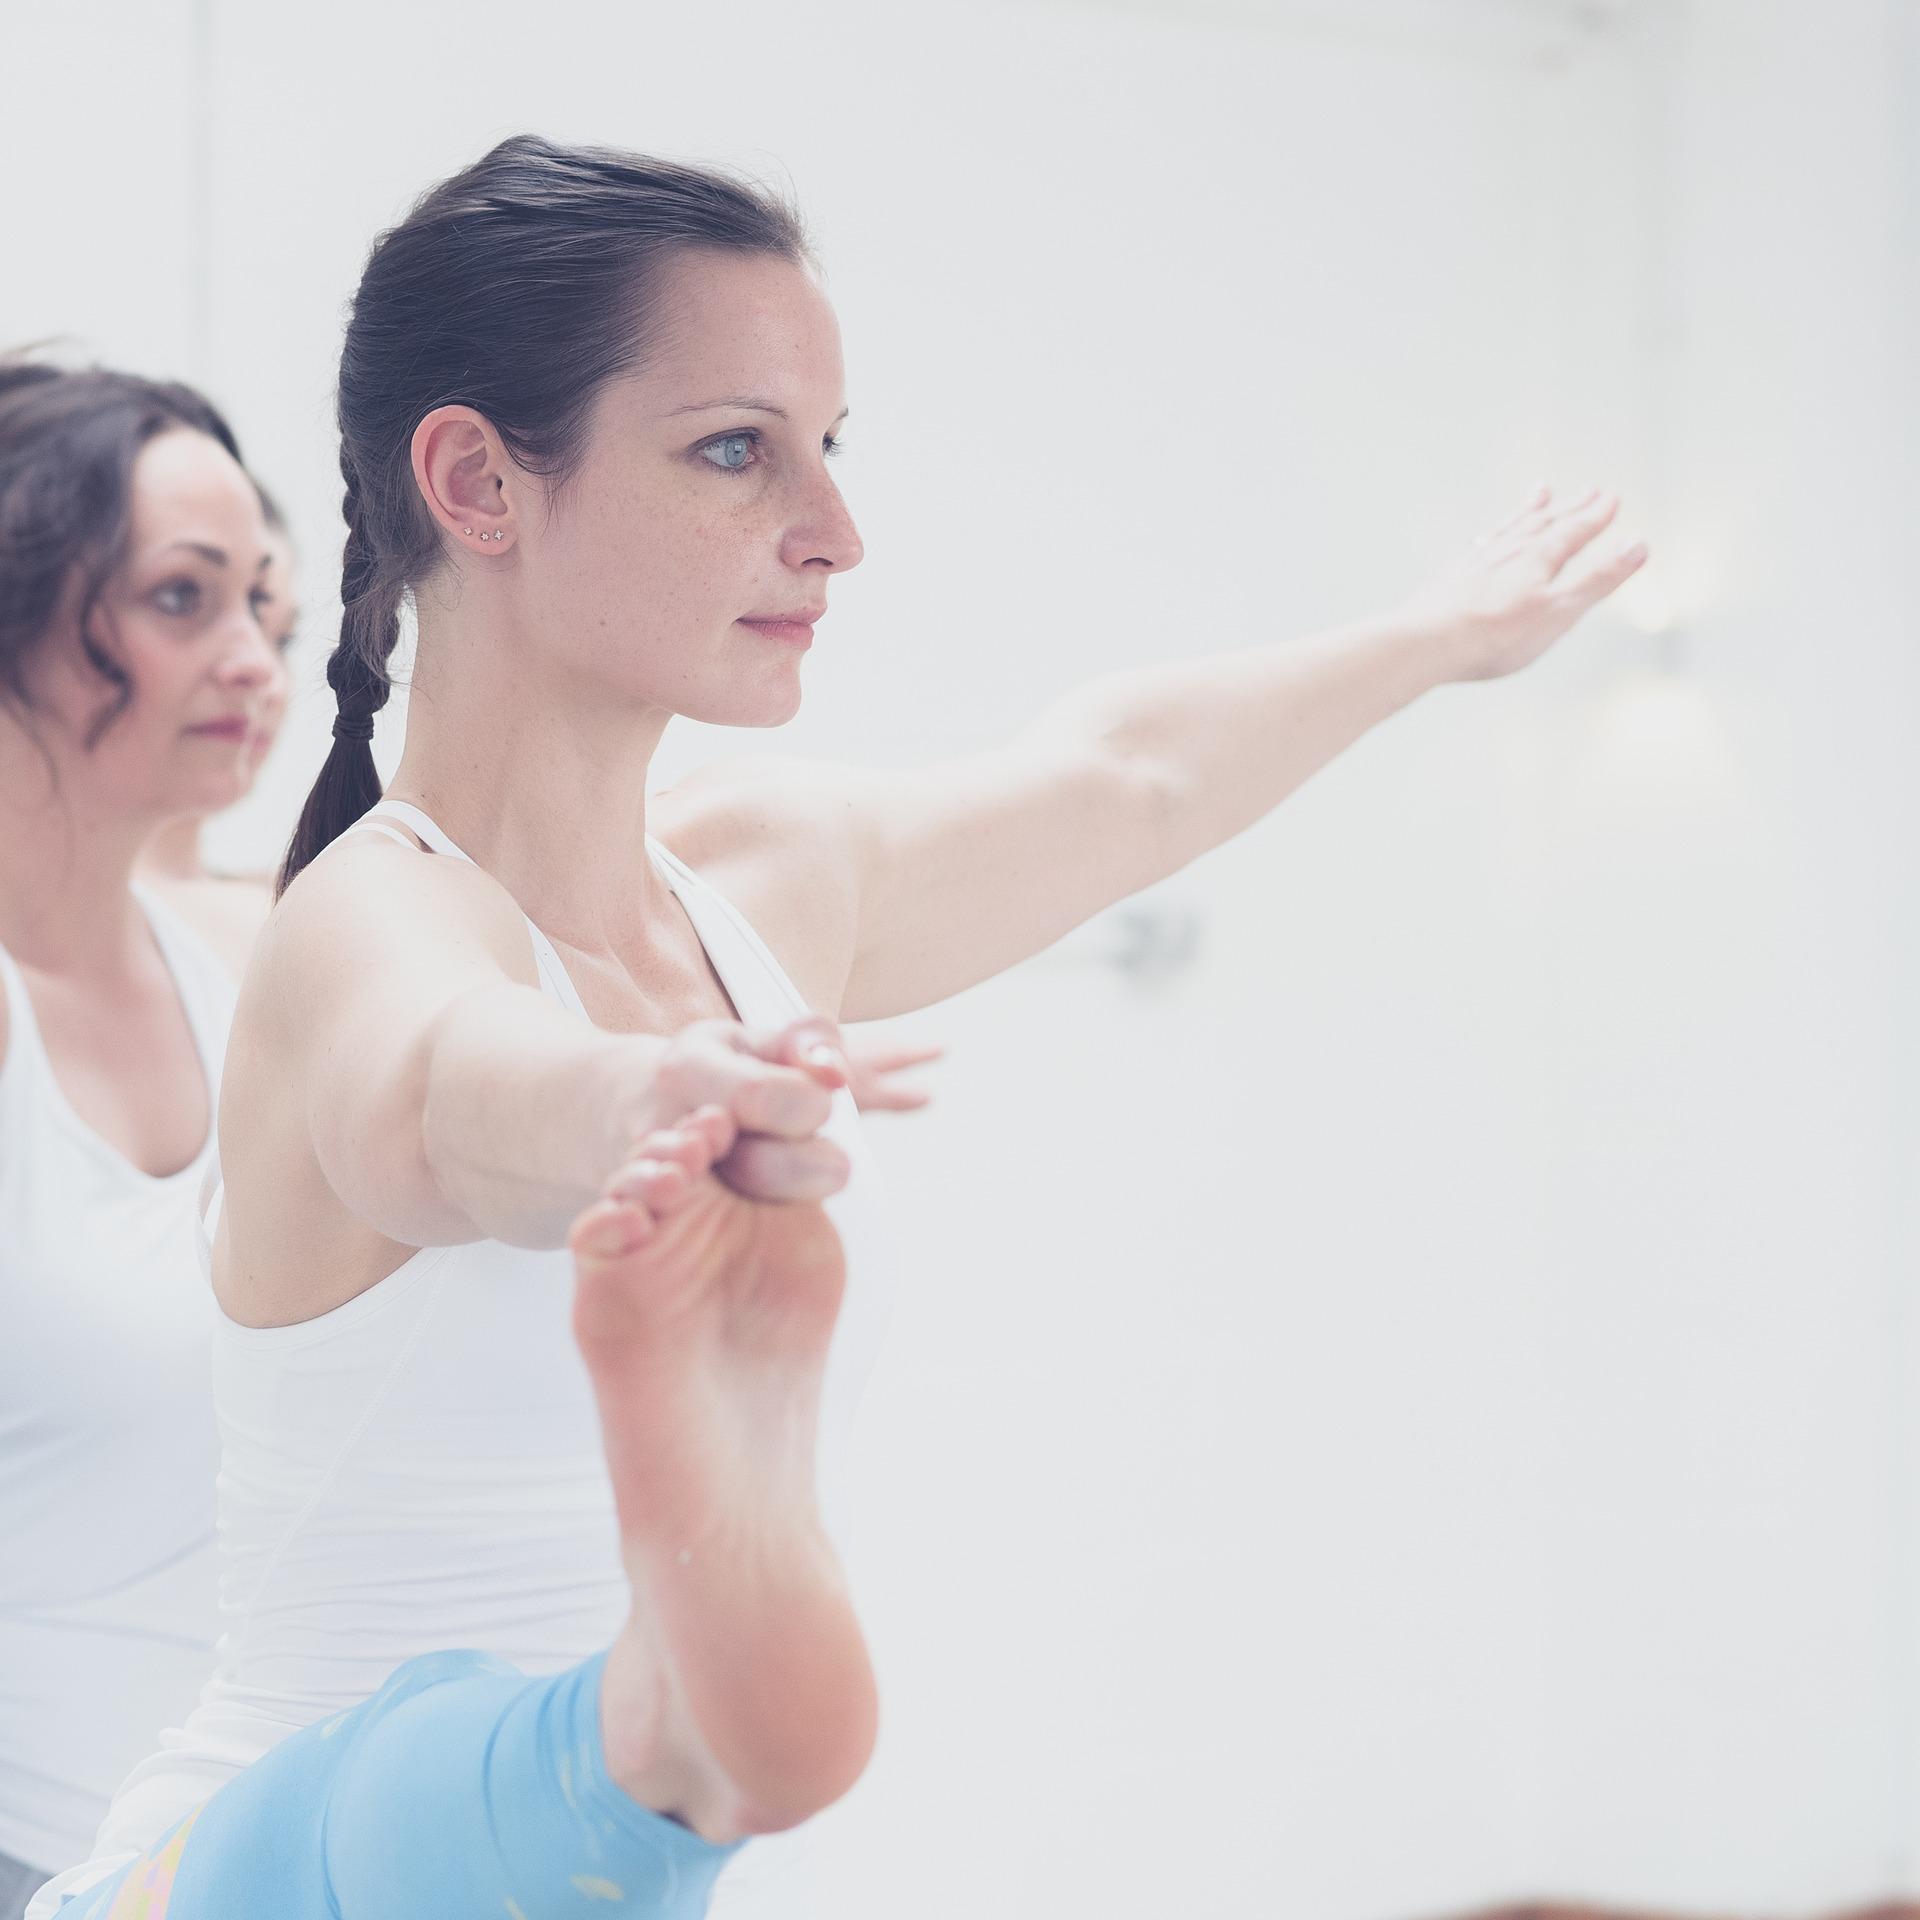 yoga_ballet-1840275_1920